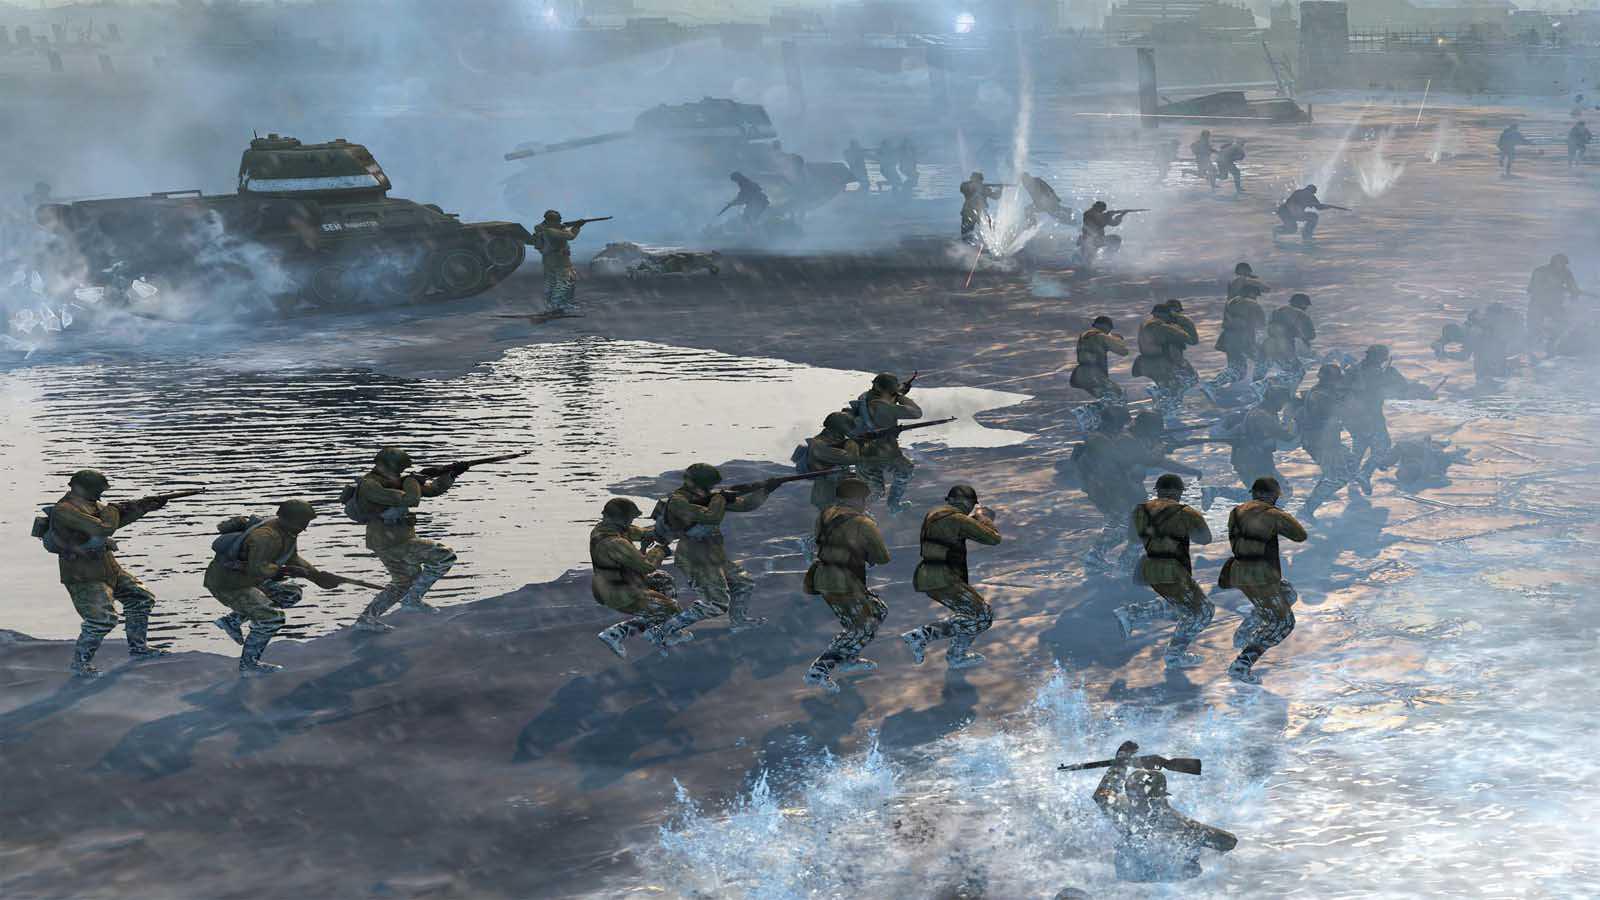 تحميل لعبة Company Of Heroes 2 Ardennes Assault مضغوطة برابط واحد مباشر + تورنت كاملة مجانا